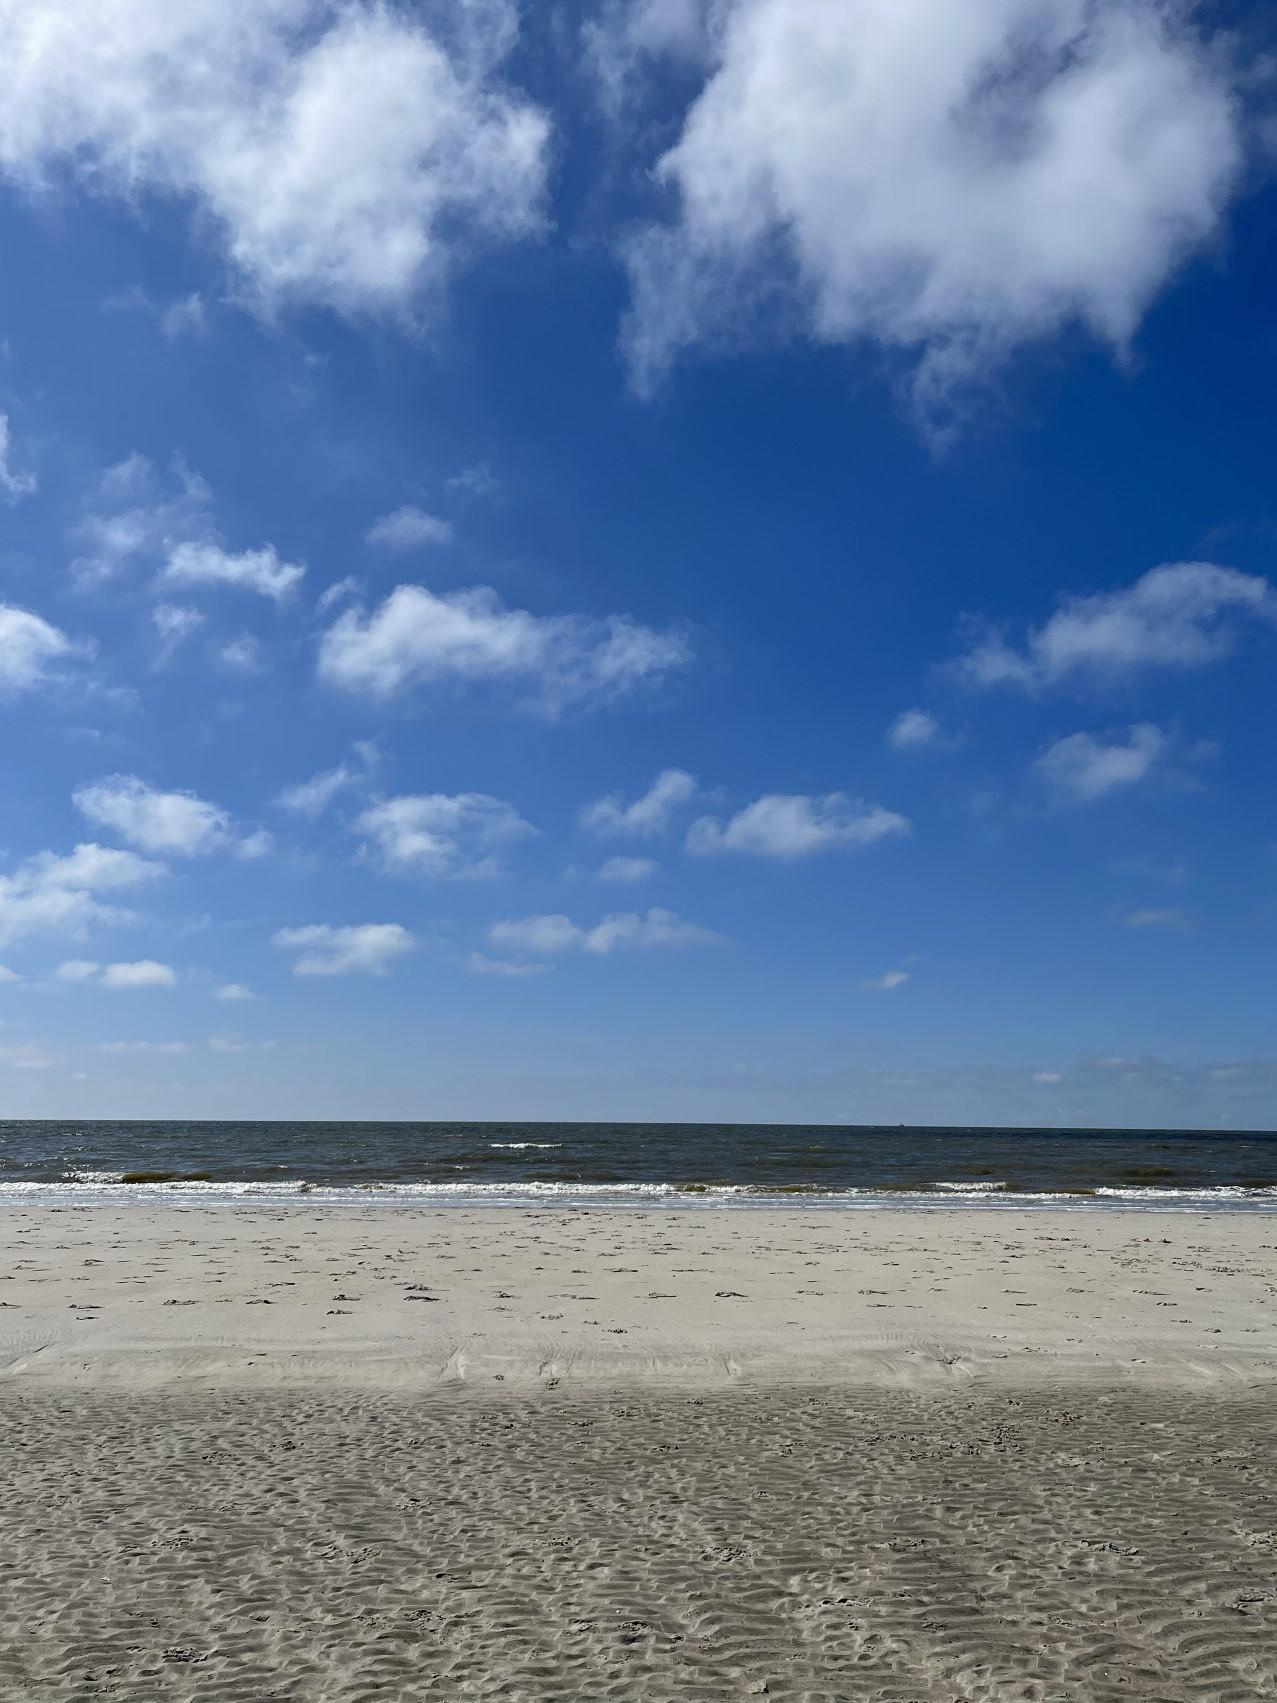 nordfriesland, nordsee, salzwasser, strand, standspaziergang